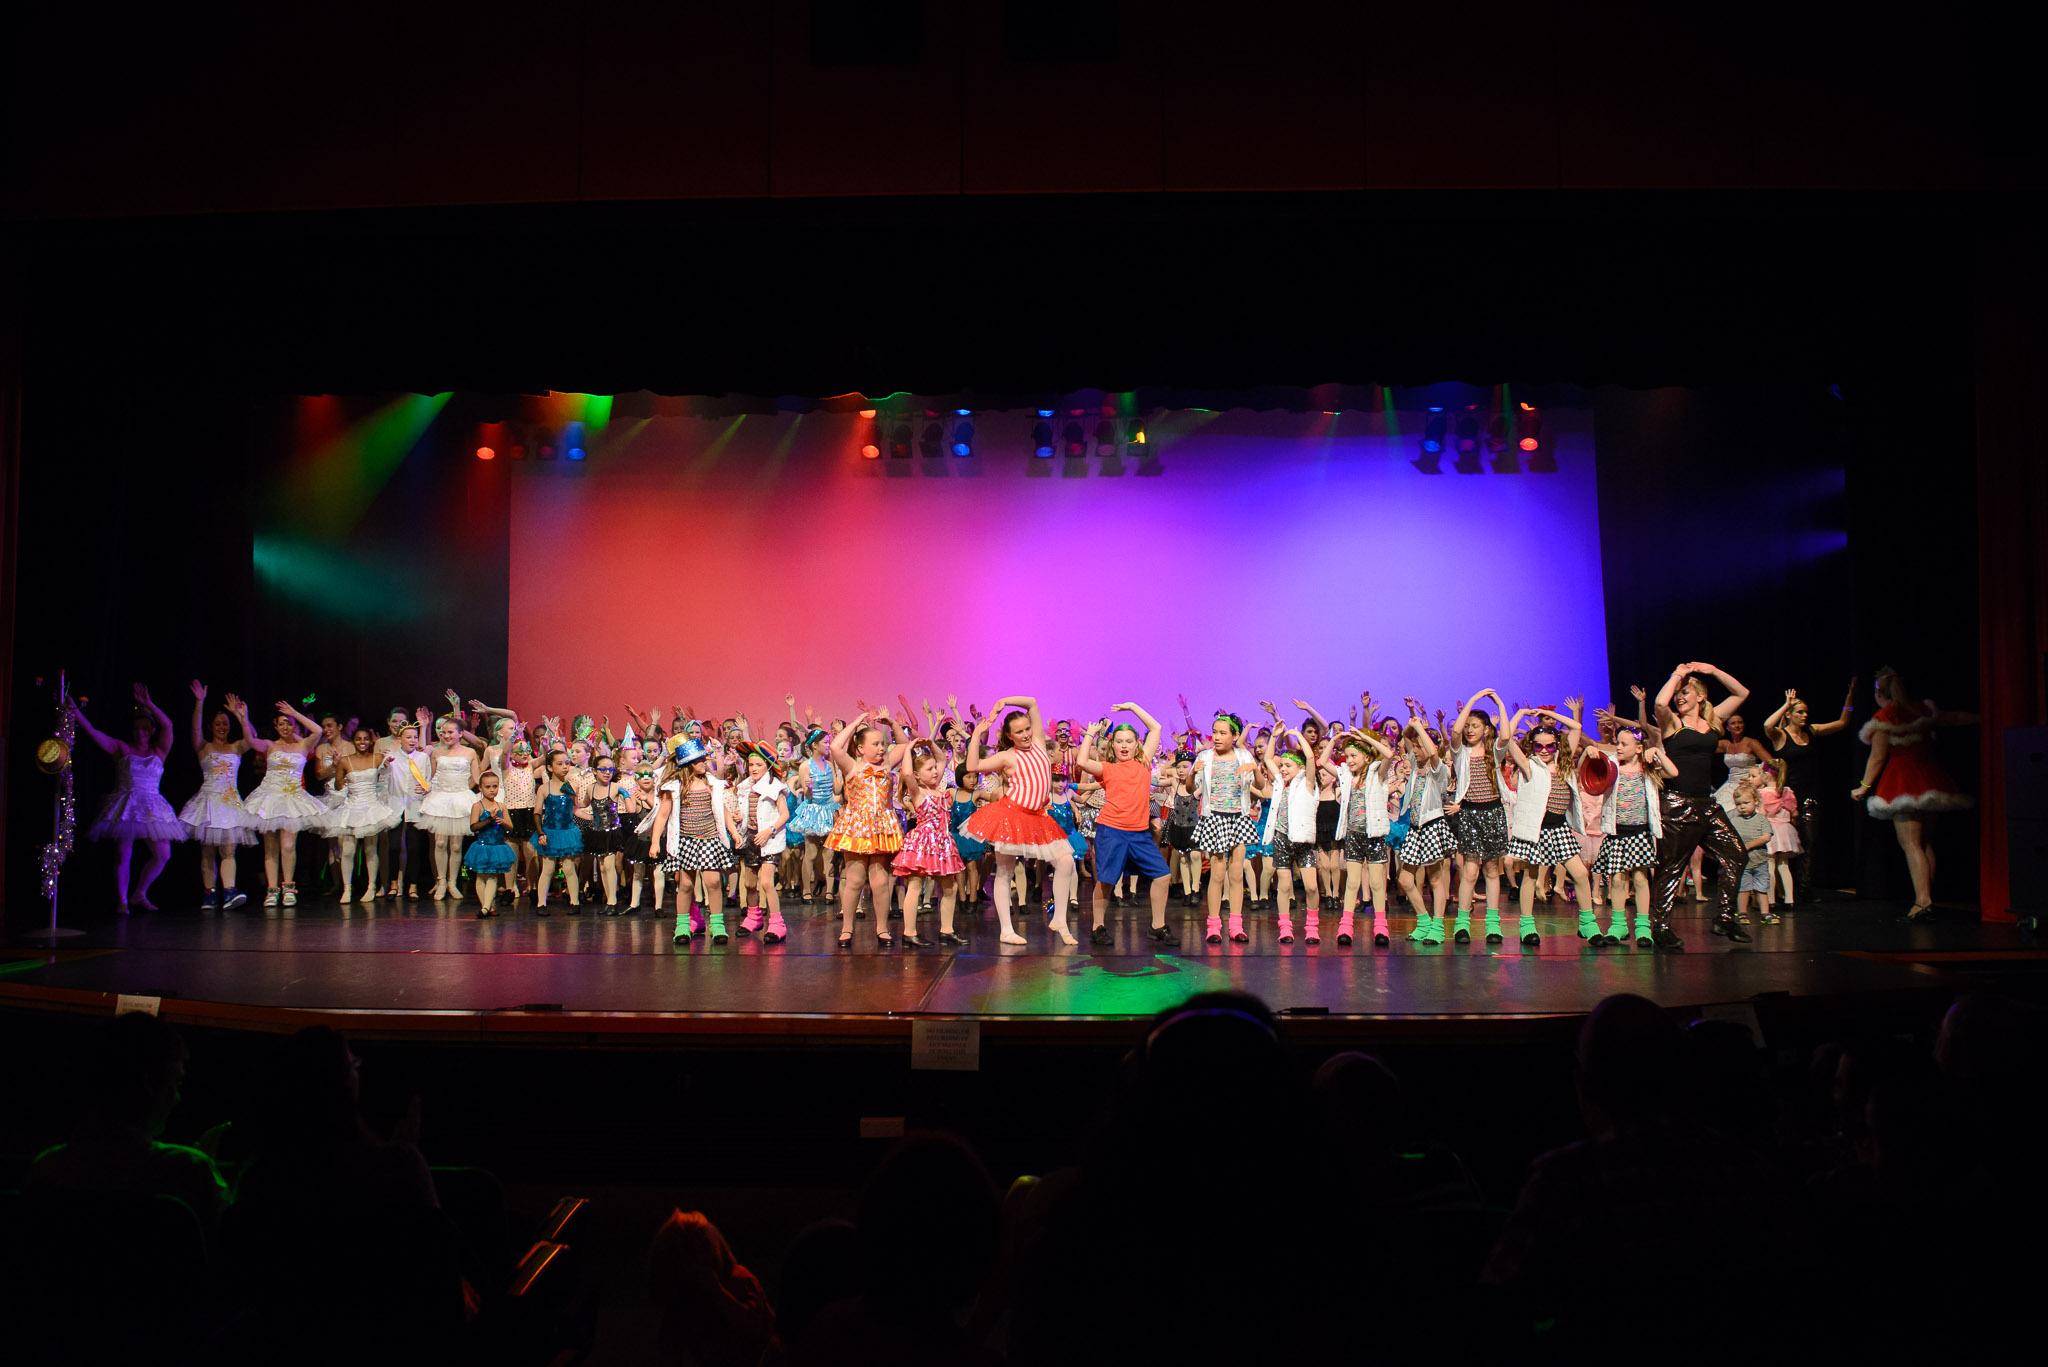 http://www.rc.au.net/dance/concert_2014/finale_part2/images/20141109_1212.jpg